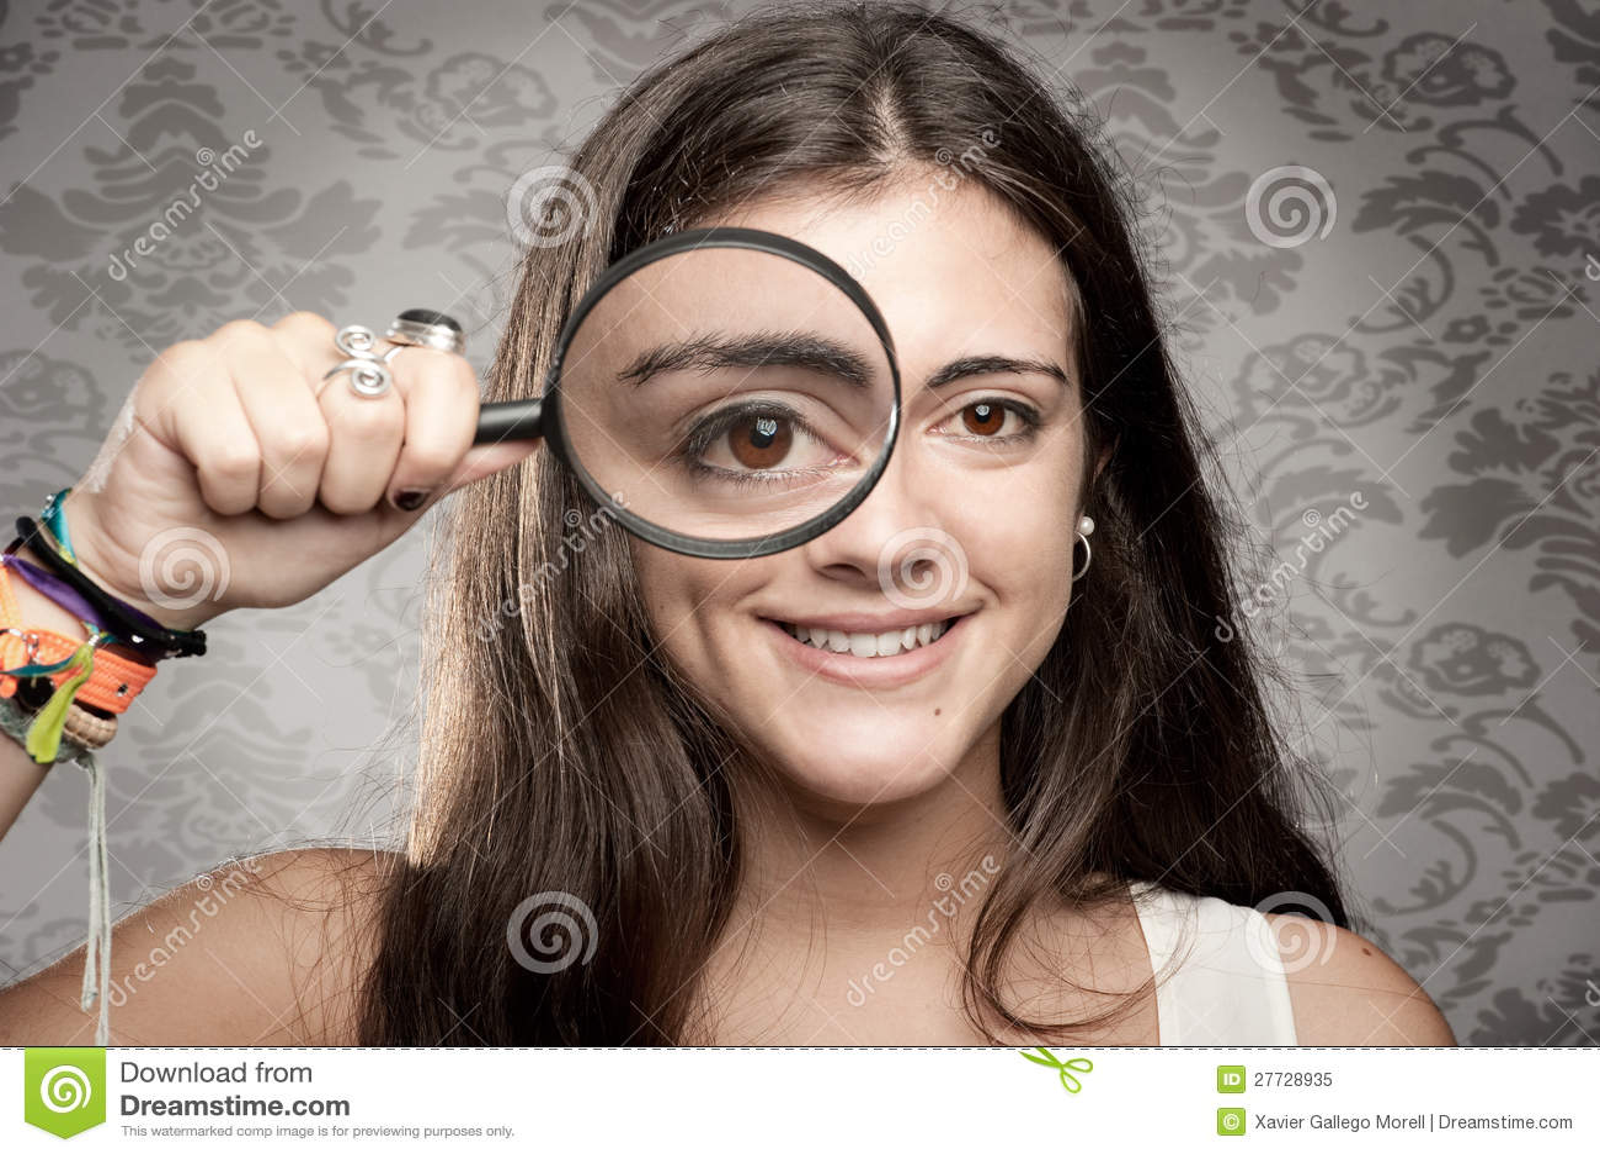 Betrachten der Kamera durch Vergrößerungsglas